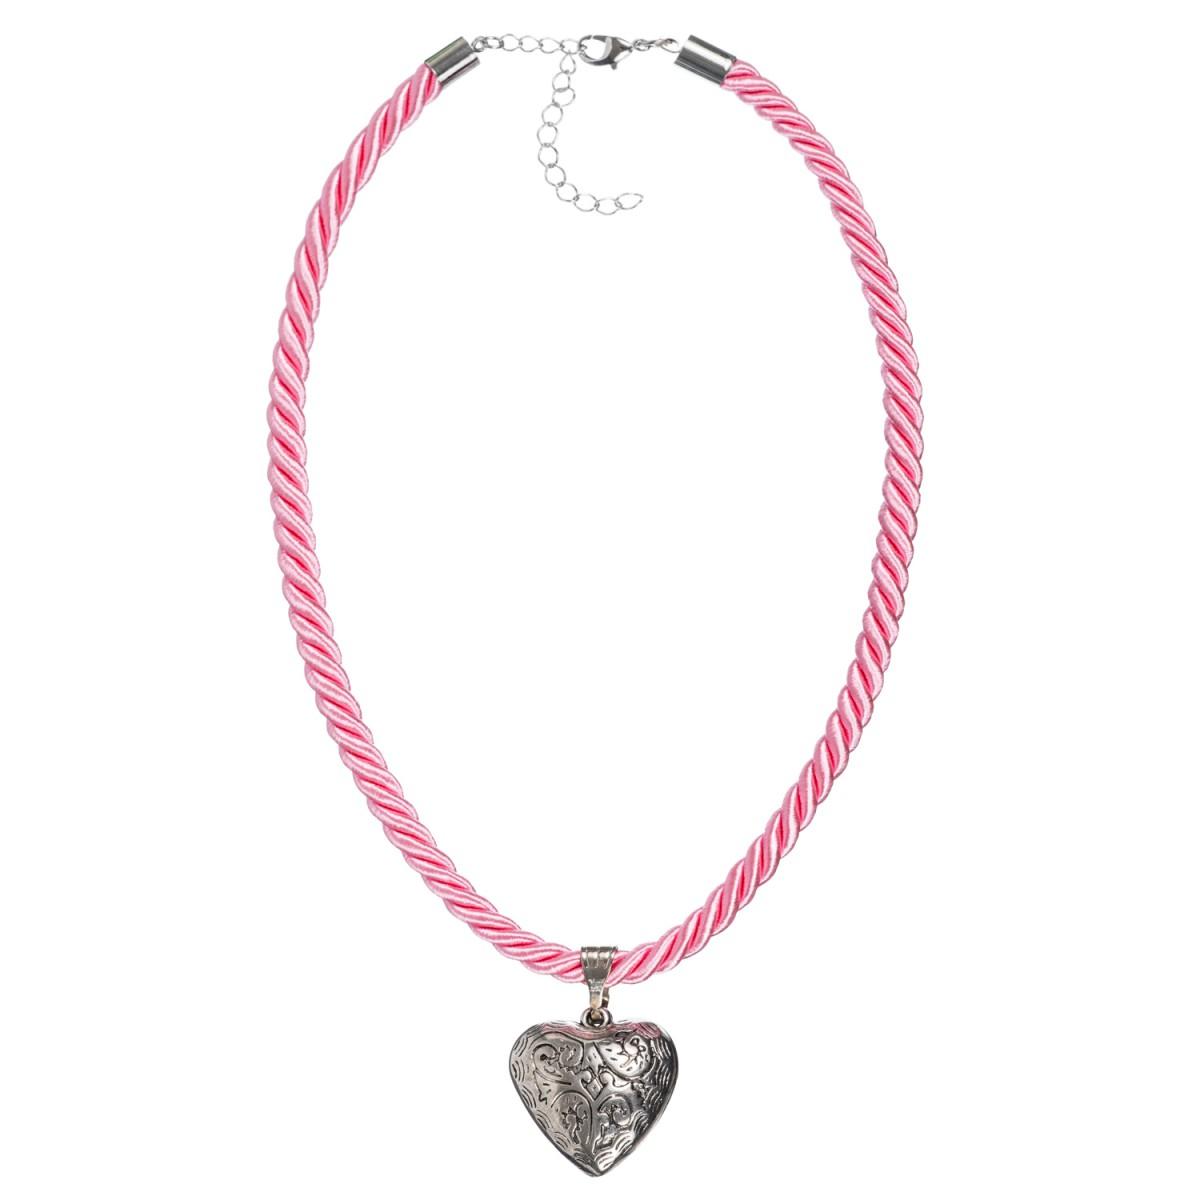 Kordelkette in Rosa mit Herzanhänger von Schlick Accessoires